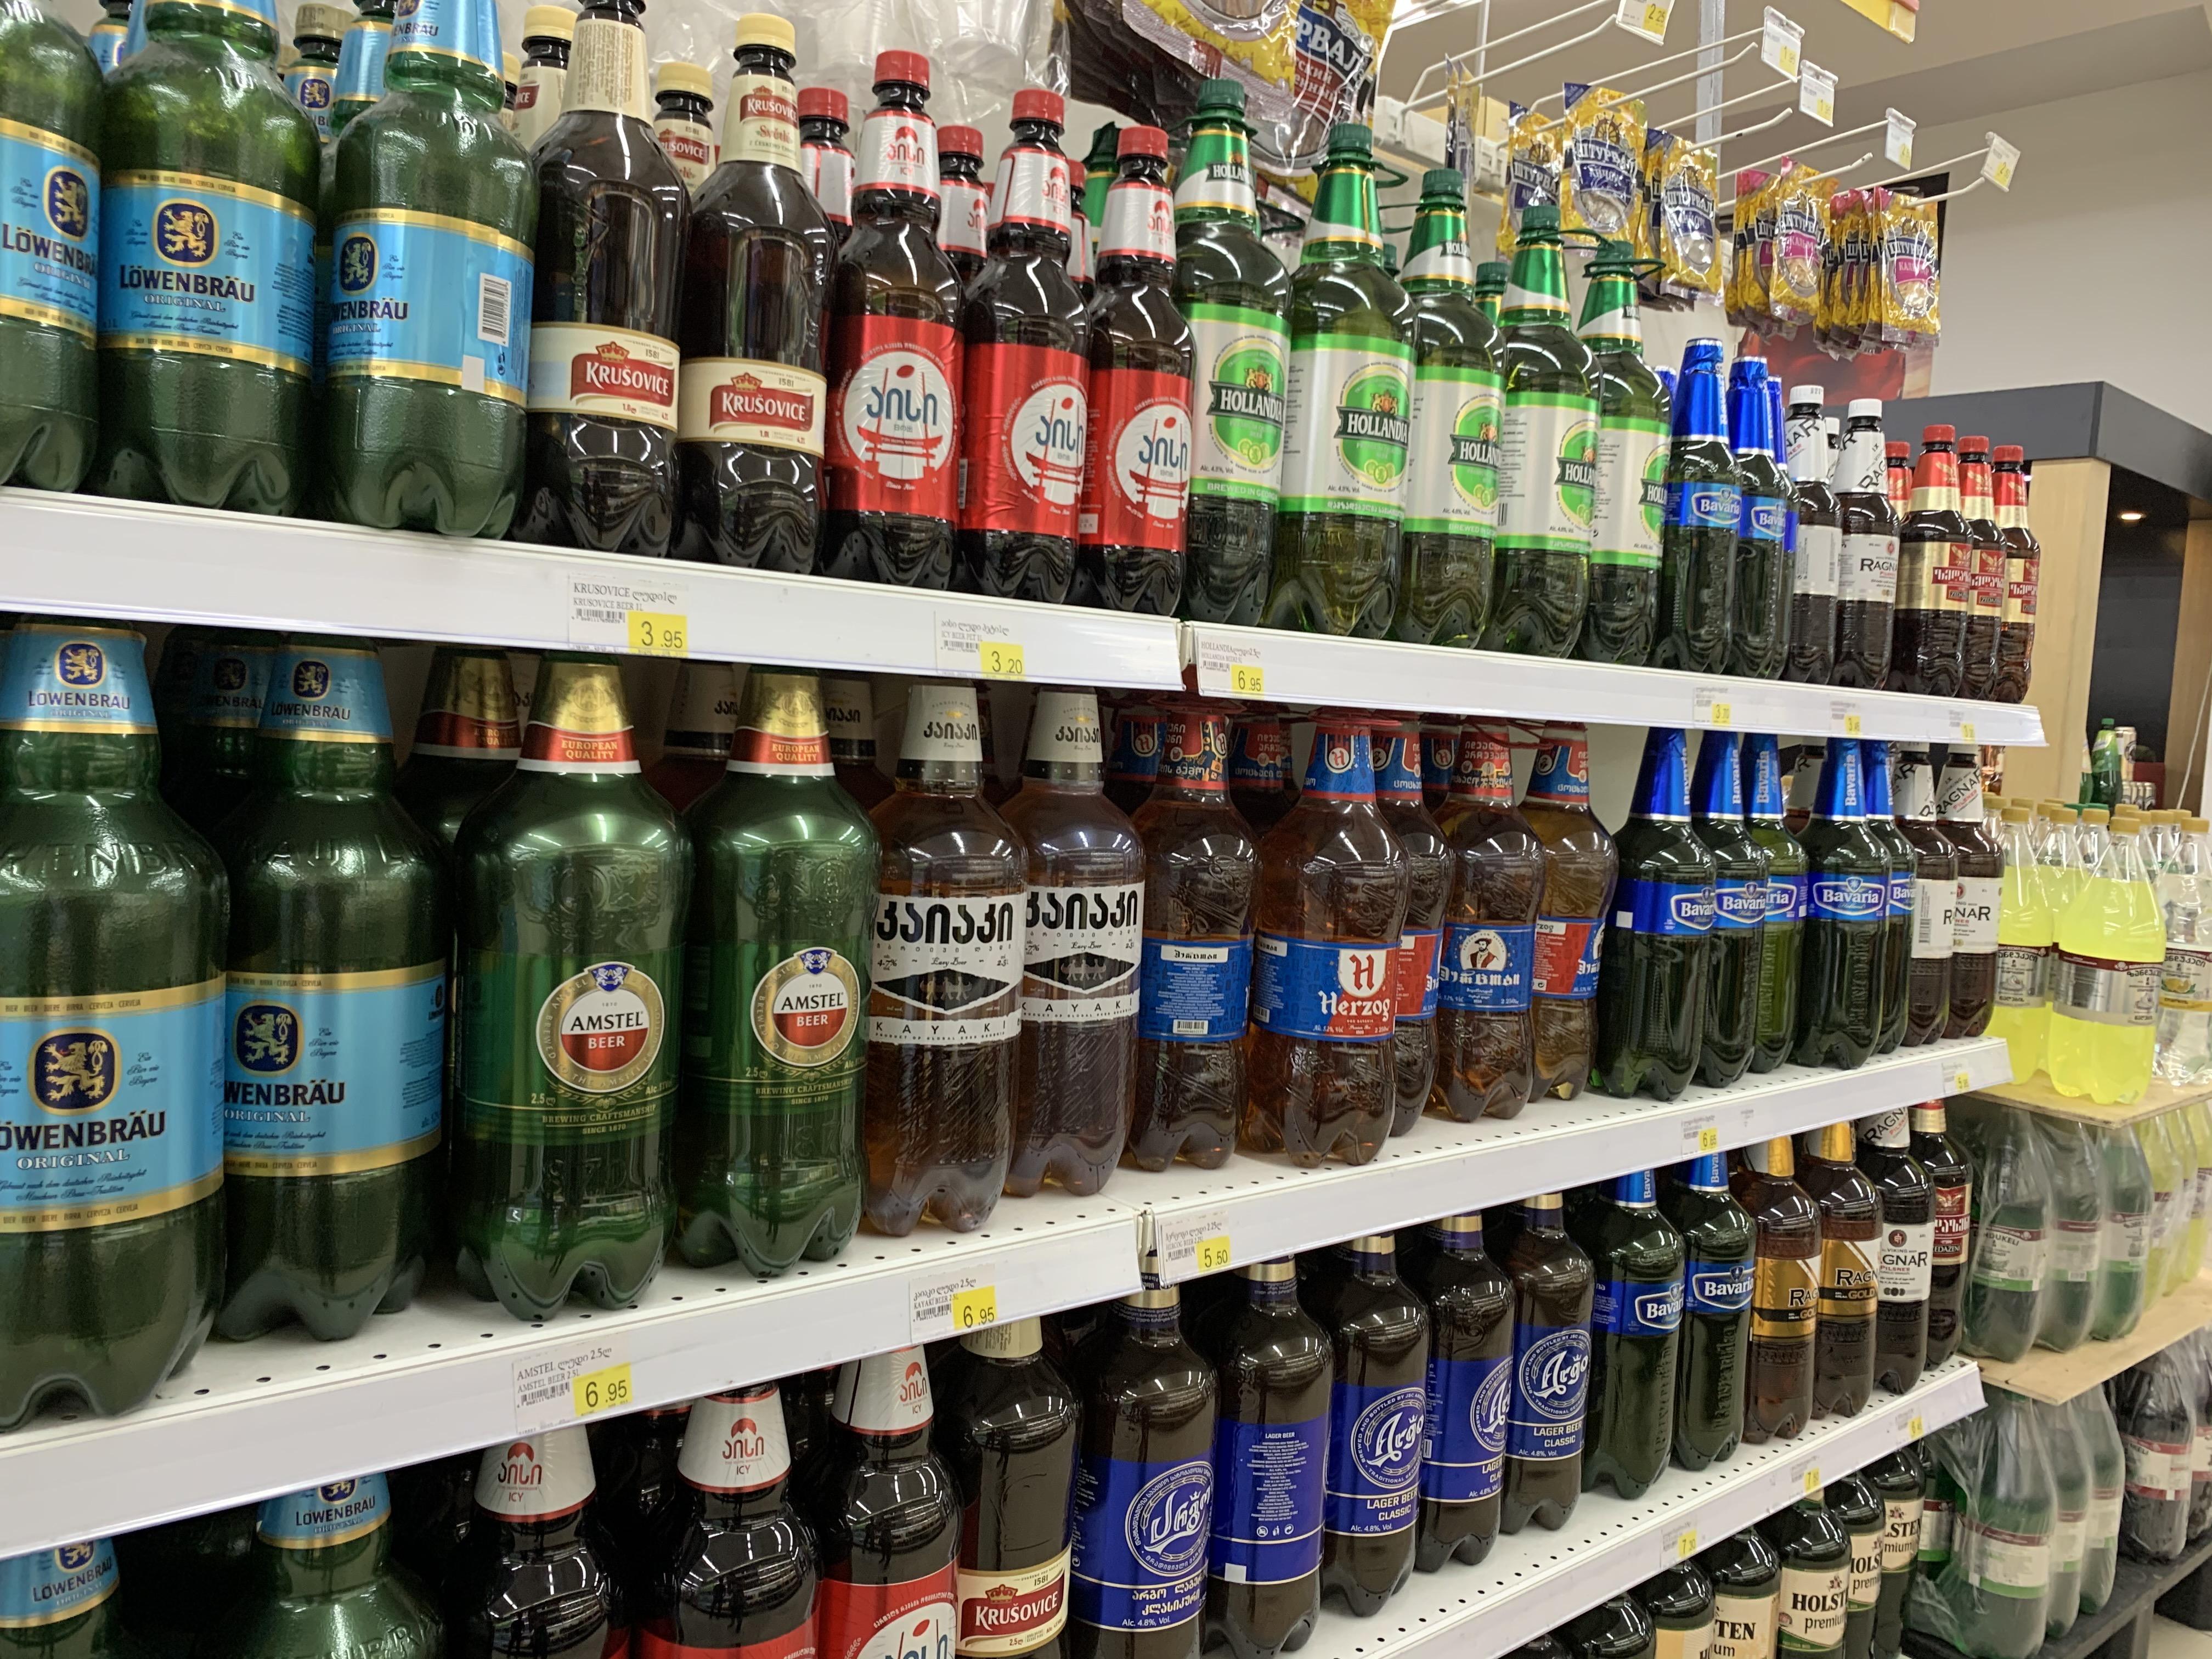 トビリシのスーパーマーケットの紹介と絶品シュクメルリ